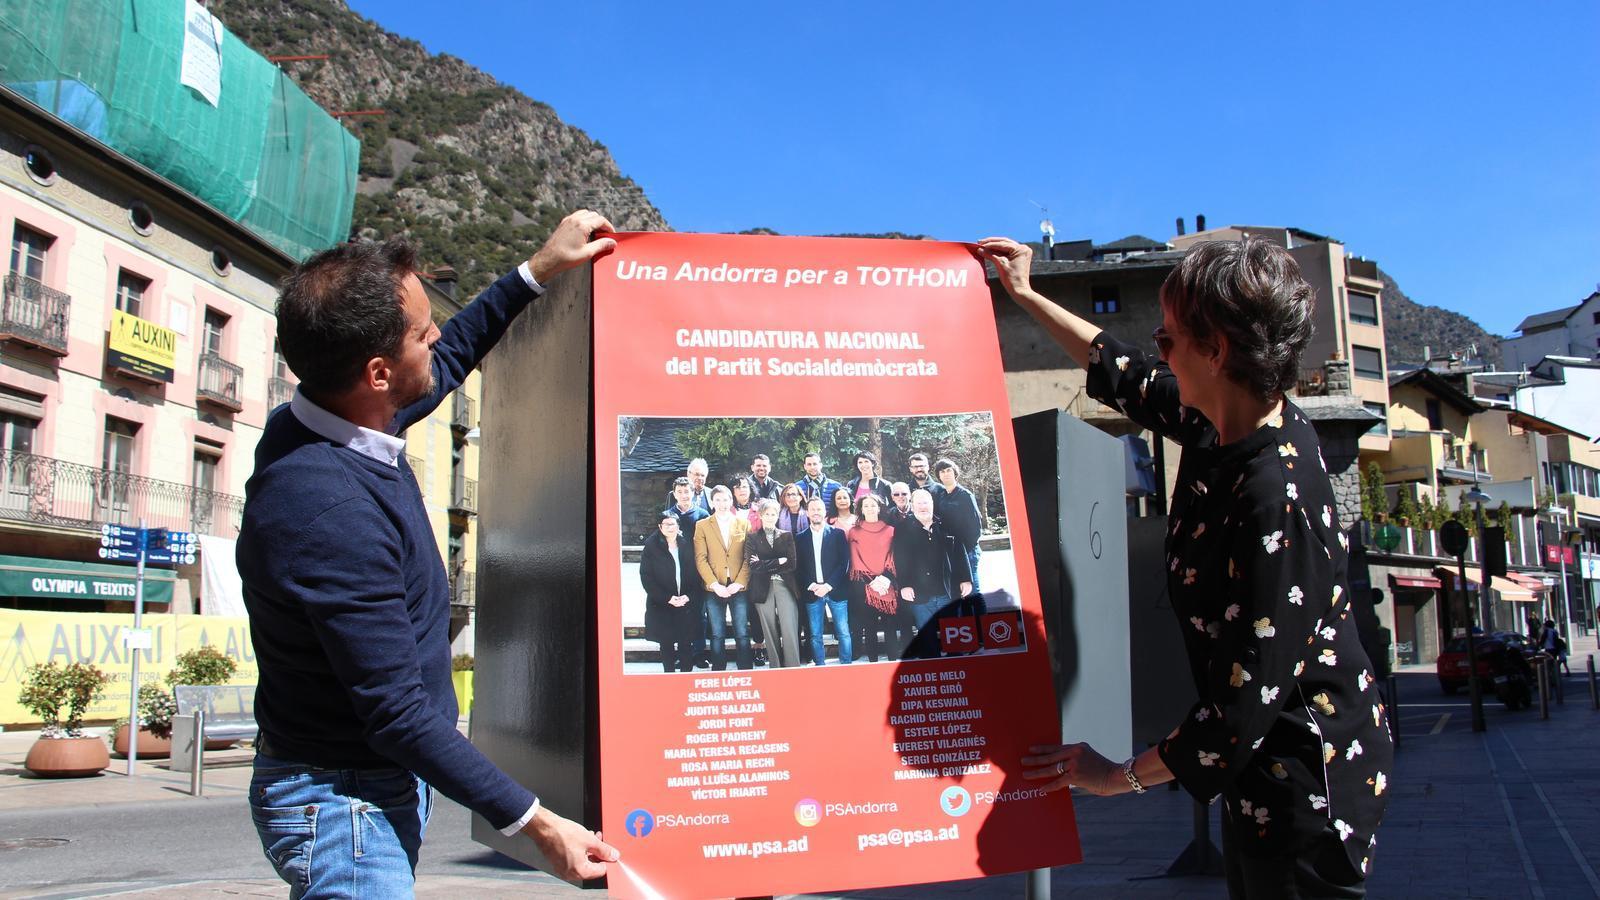 El cap de llista i la número dos, Pere López i Susanna Vela, a la penjada del primer cartell nacional a Andorra la Vella. / M. M.